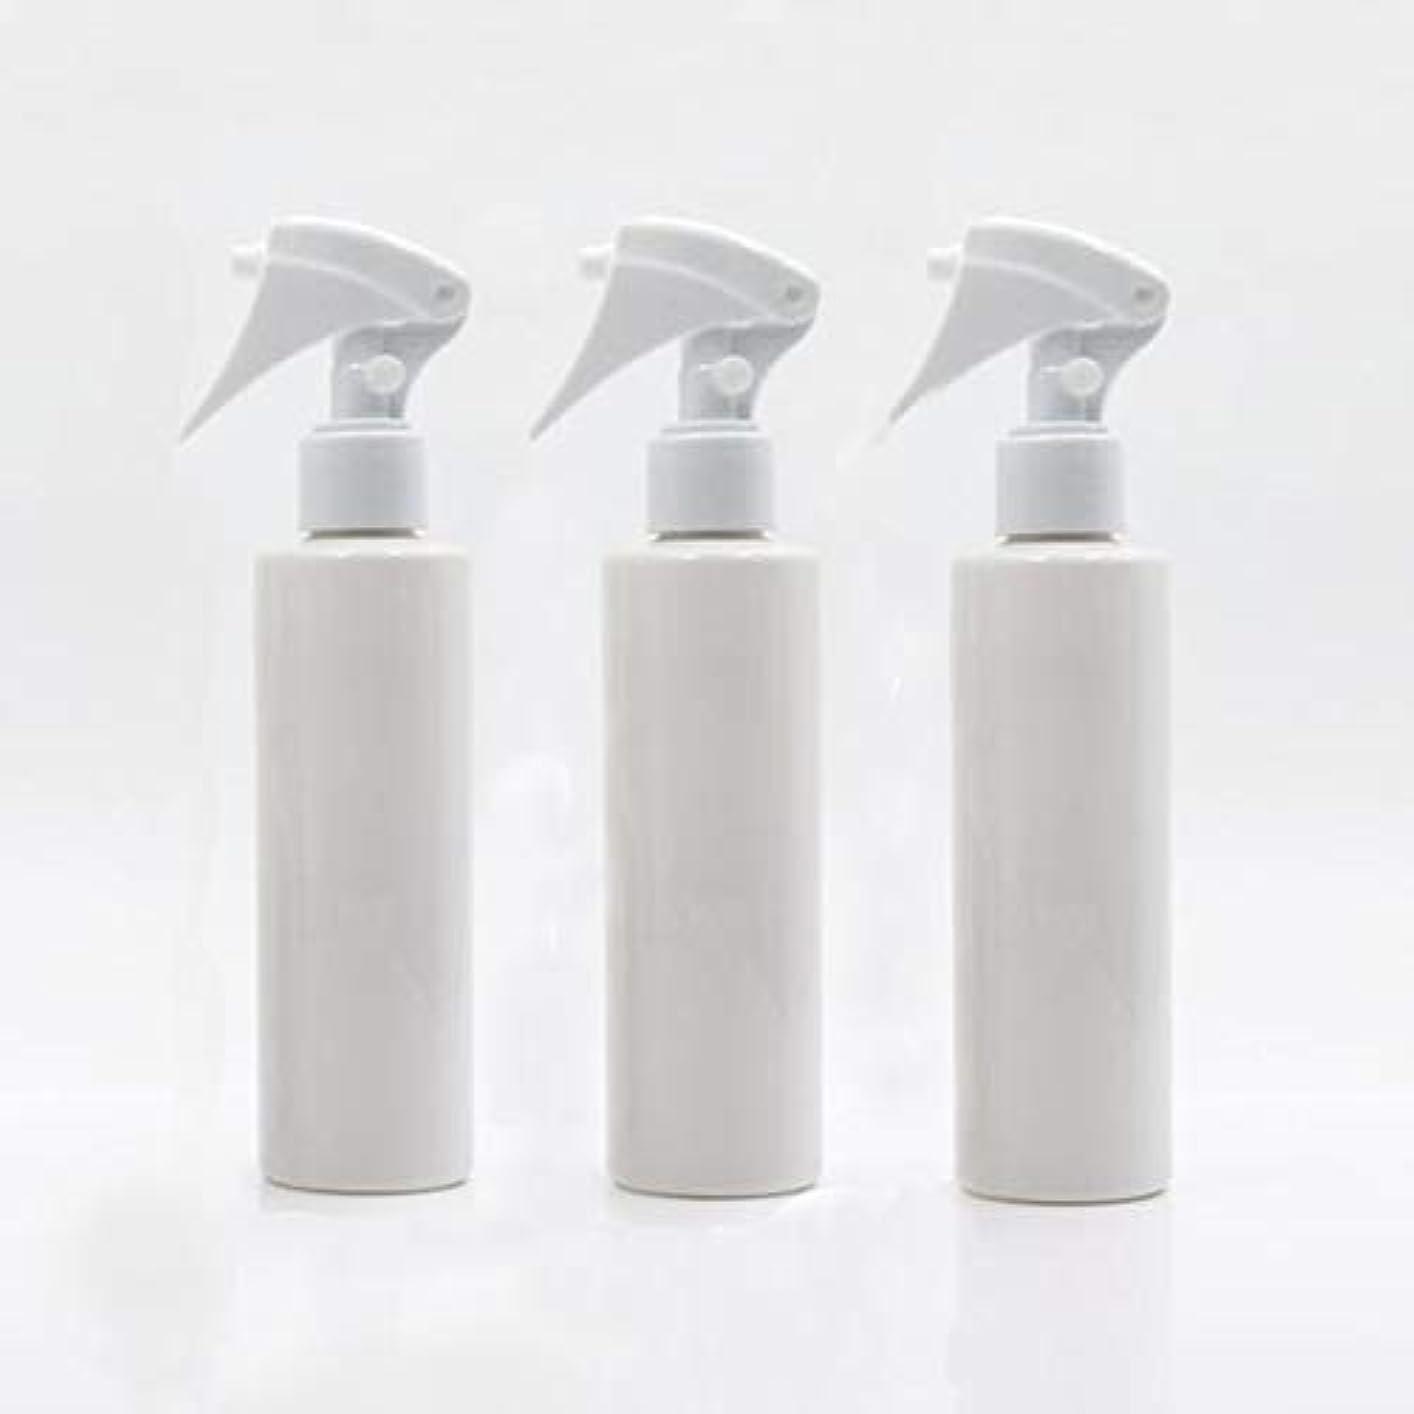 自分のいじめっ子蒸発するHomewineasy 極細のミストを噴霧する スプレーボトル 詰め替え容器 200ml 3本セット (ホワイト)